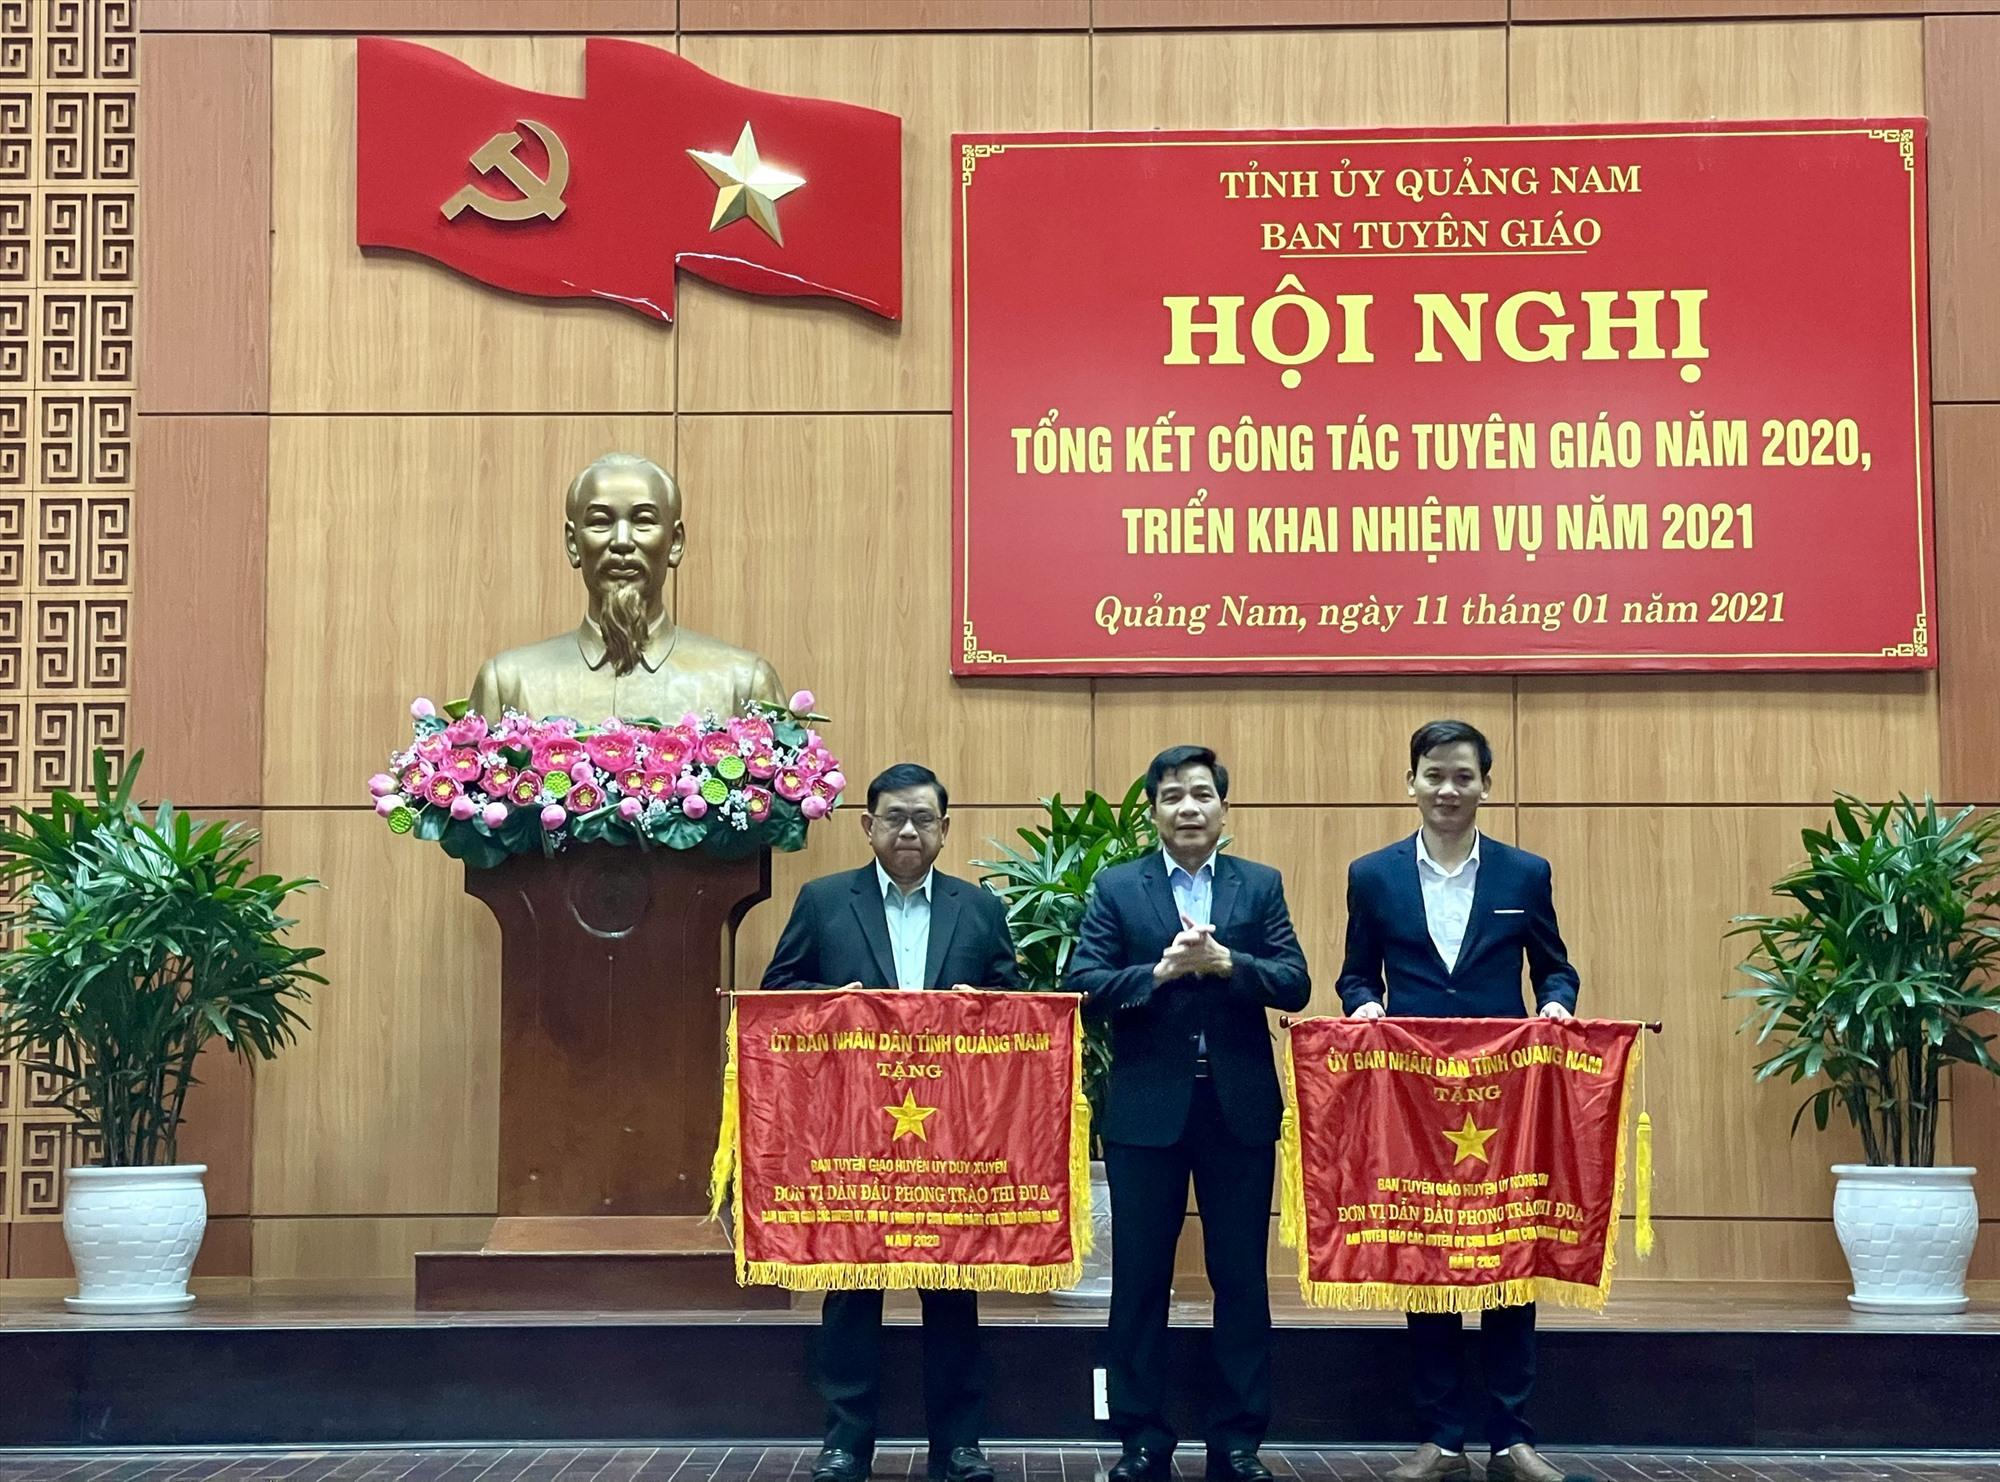 Tặng cờ thi đua xuất sắc cho các đơn vị Duy Xuyên và Nông Sơn